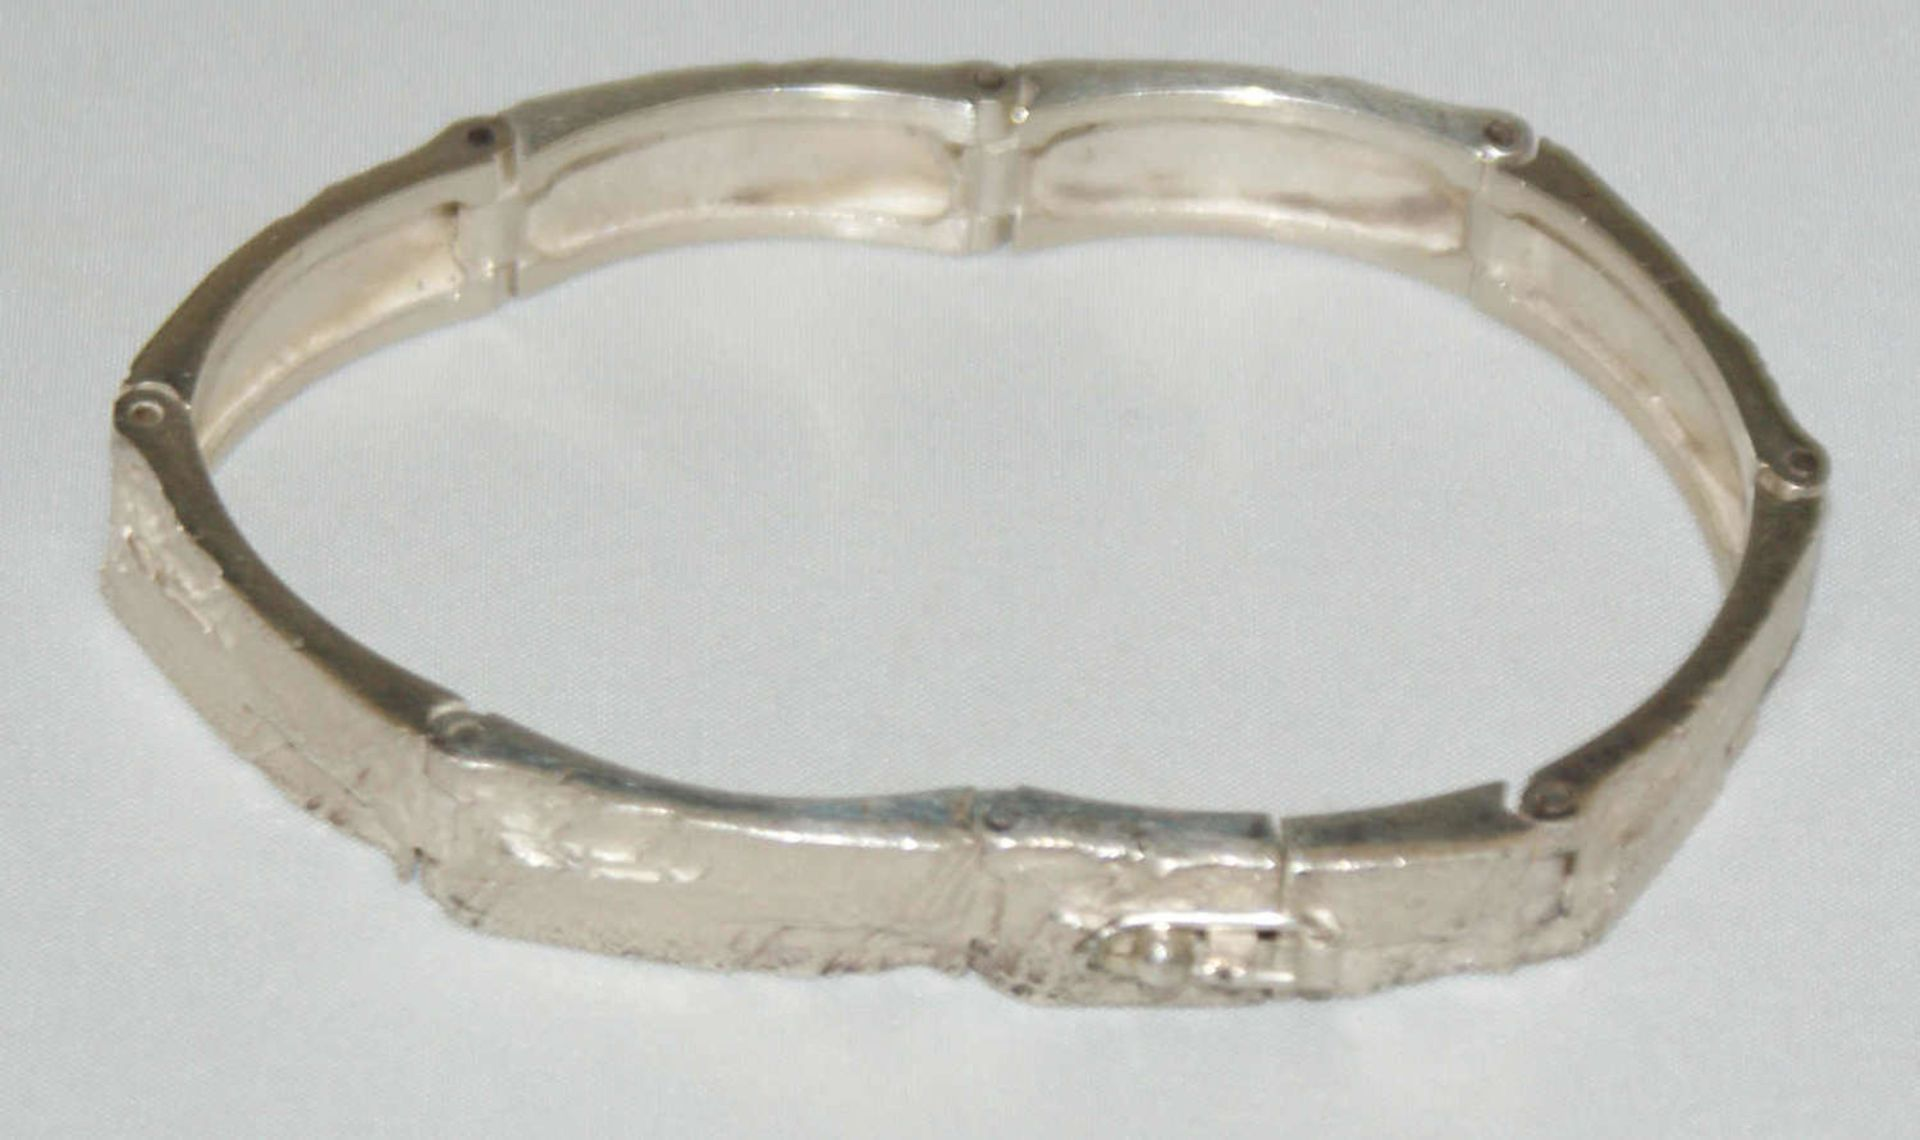 Armband, 925er Silber, in Hammeroptik. Länge ca. 18,5 cm. Gewicht ca. 27 gr.